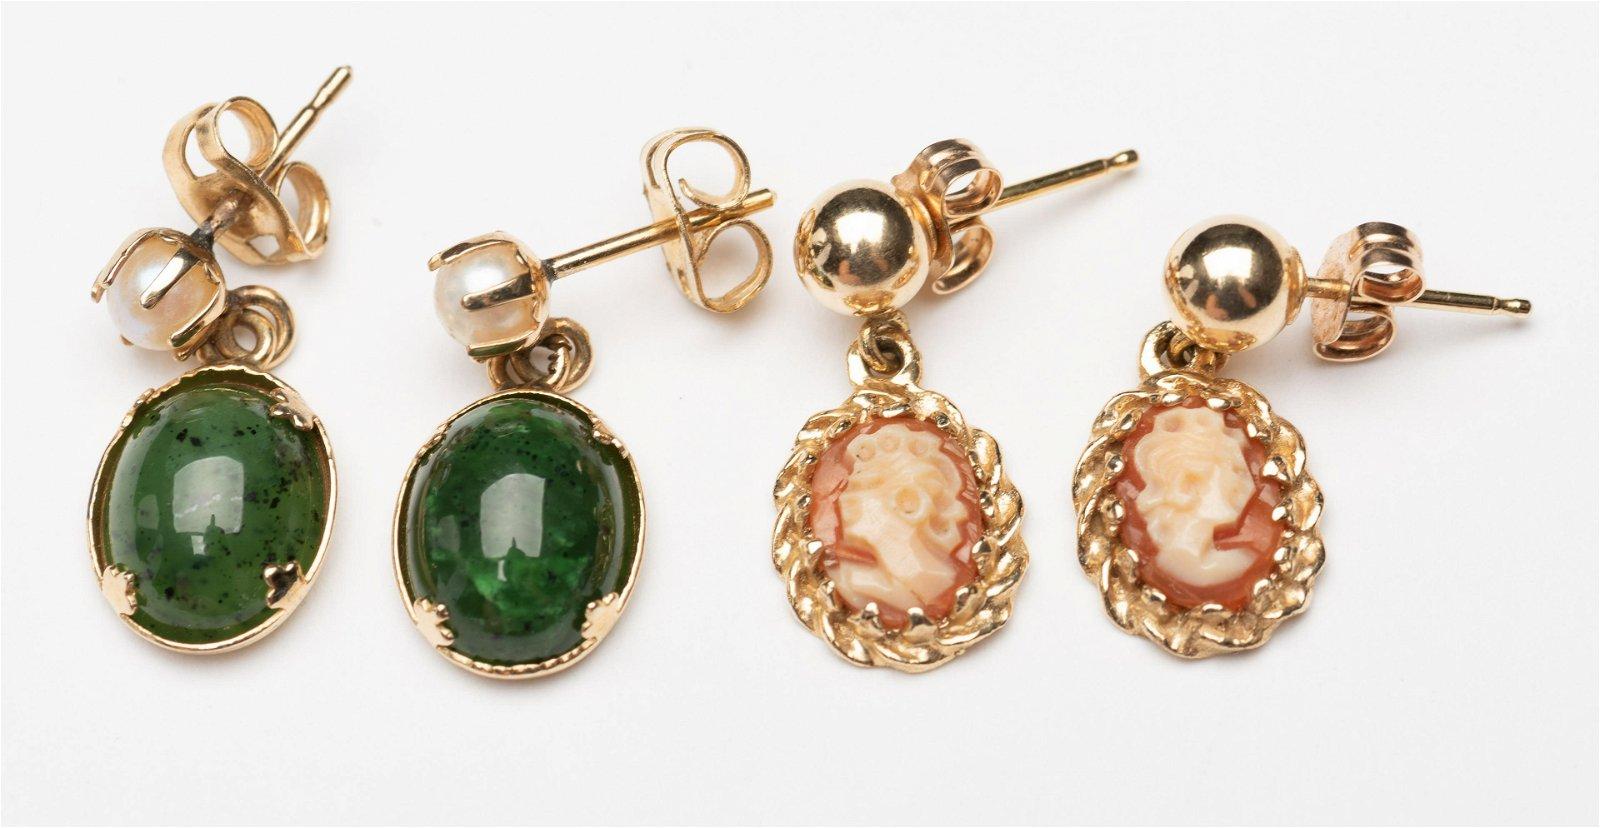 2 Pairs 14k Gold Earrings